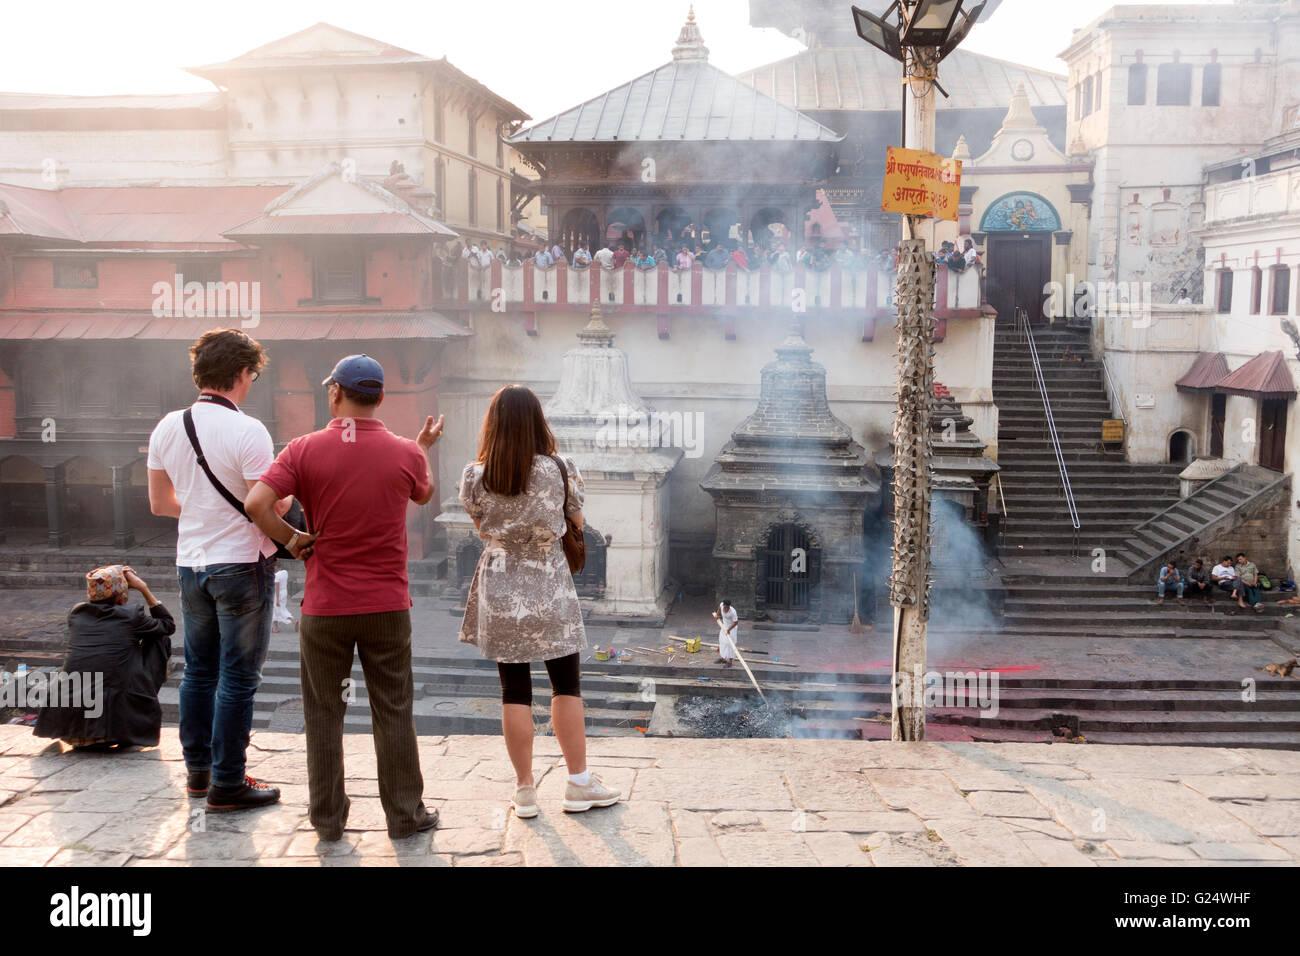 Tourists at the Pashupatinath Temple watching cremations, Kathmandu, Nepal - Stock Image